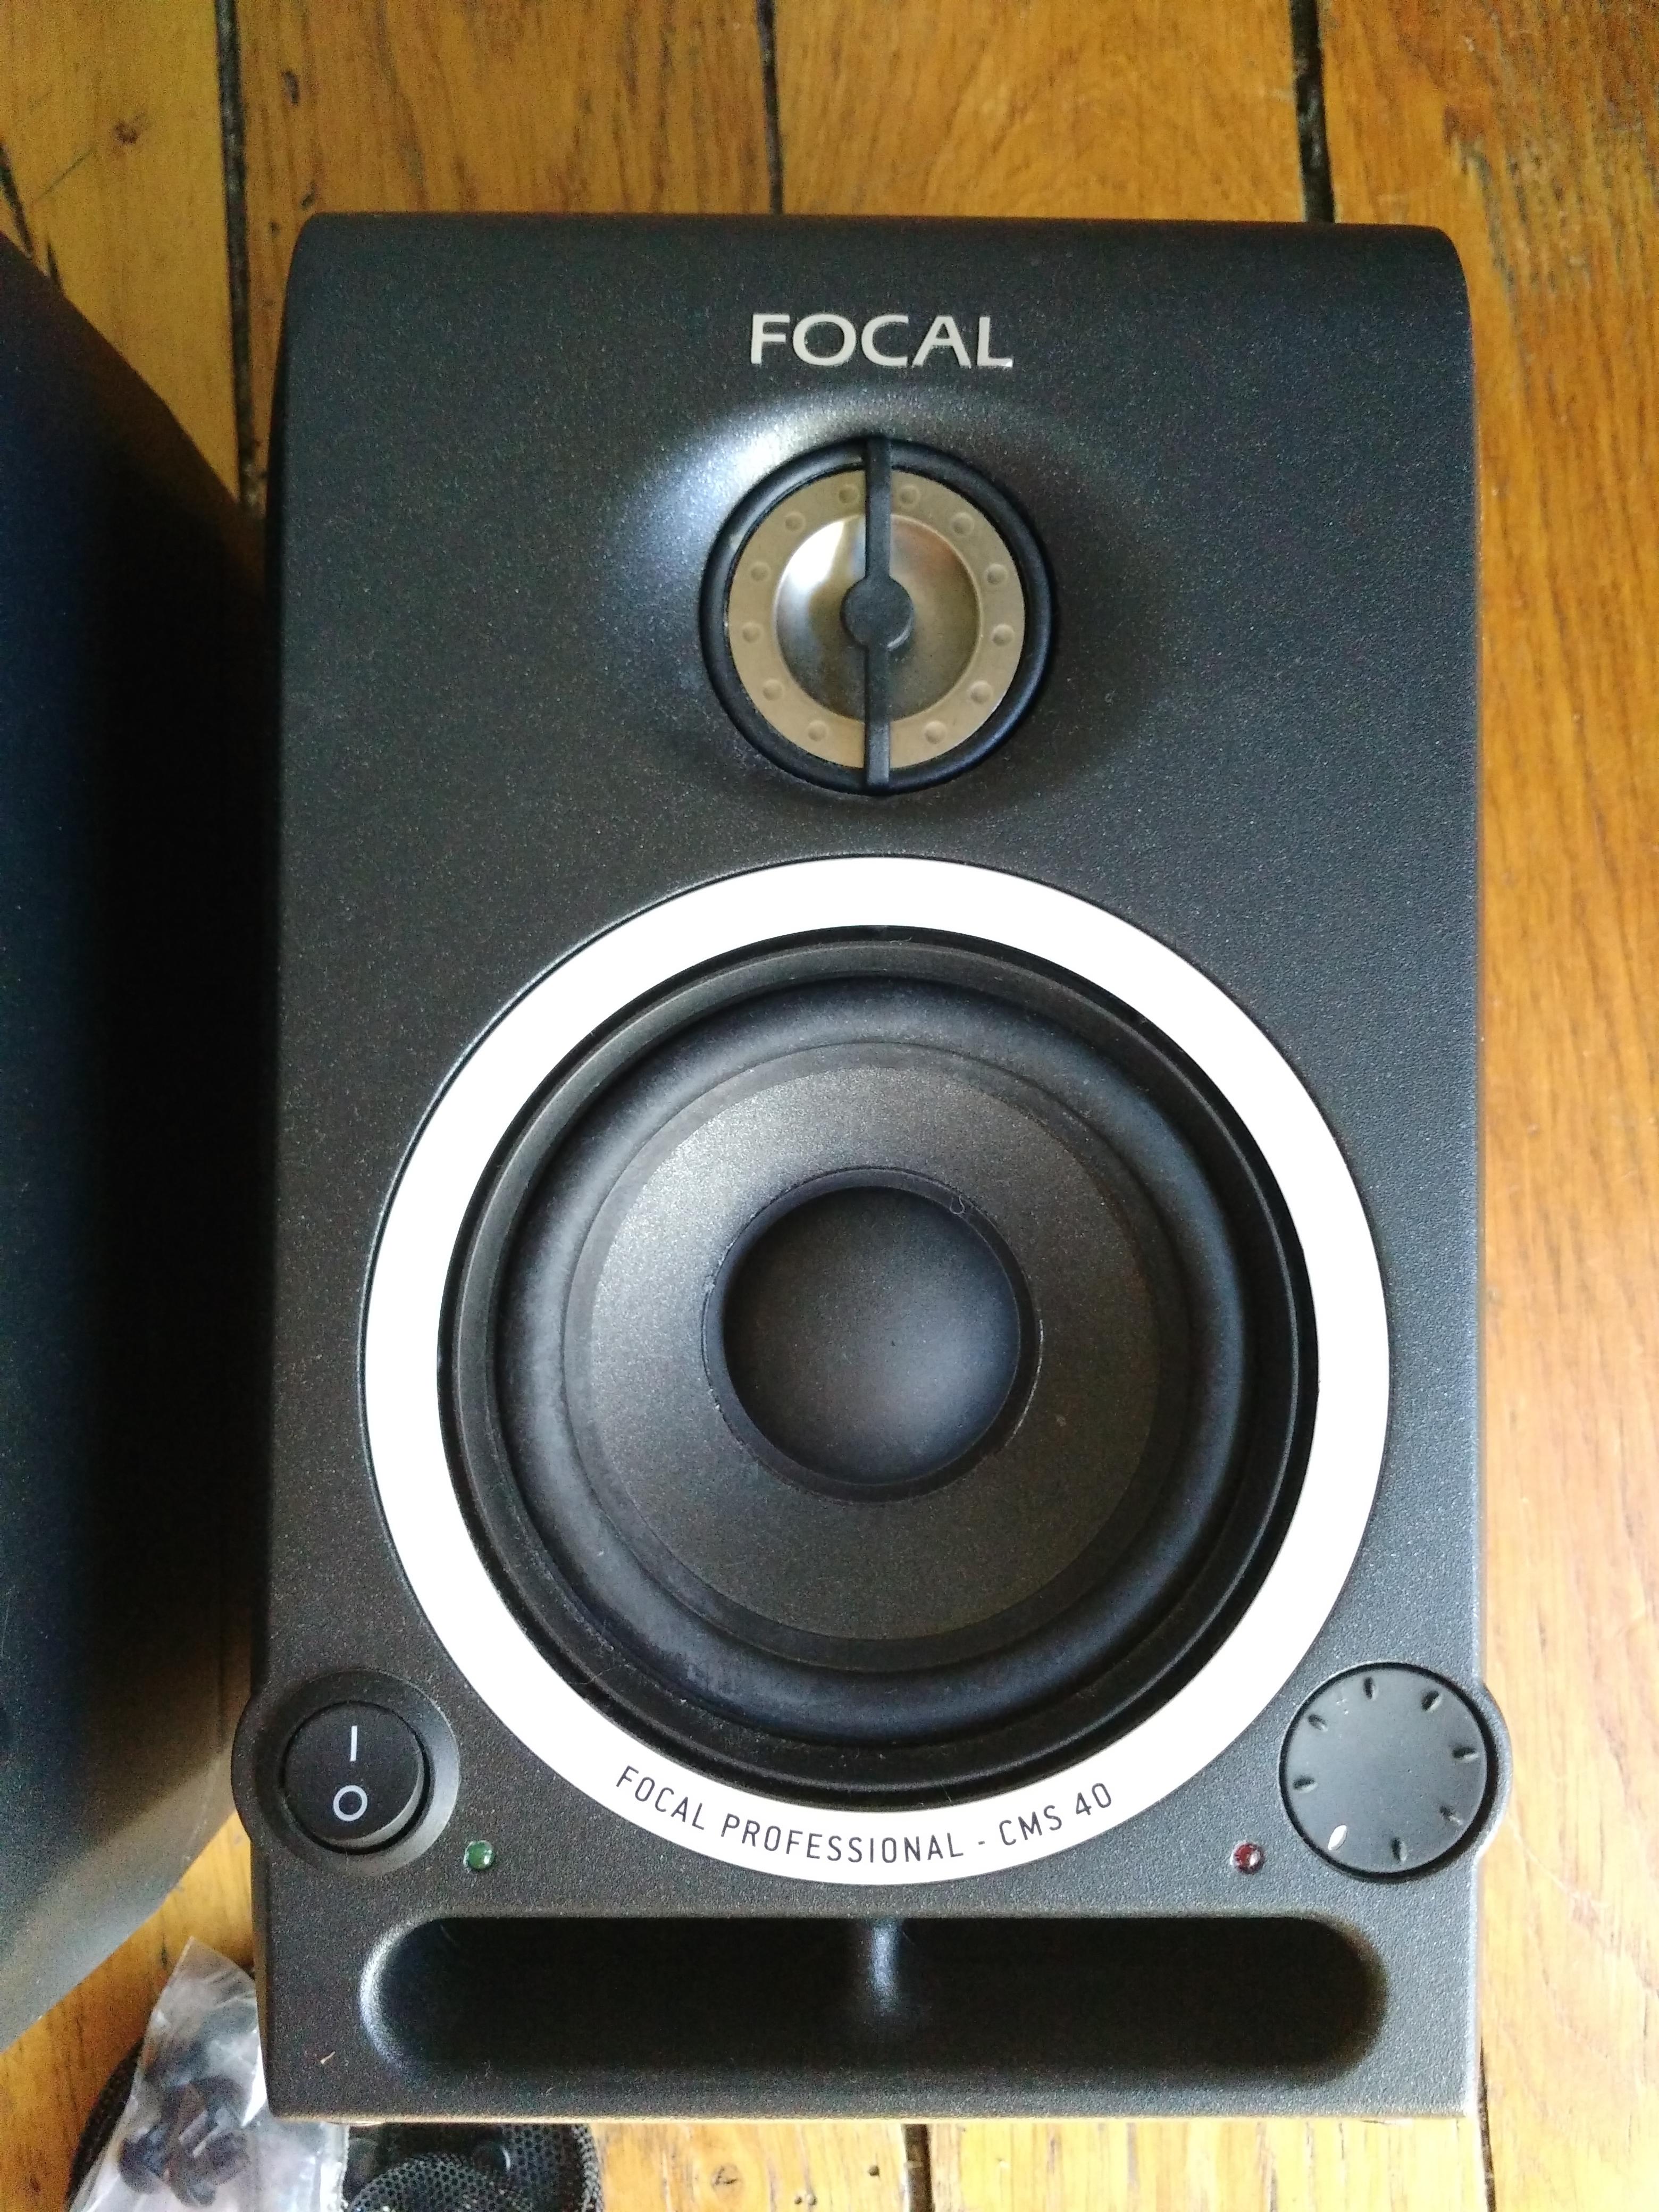 focal cms 40 weight loss